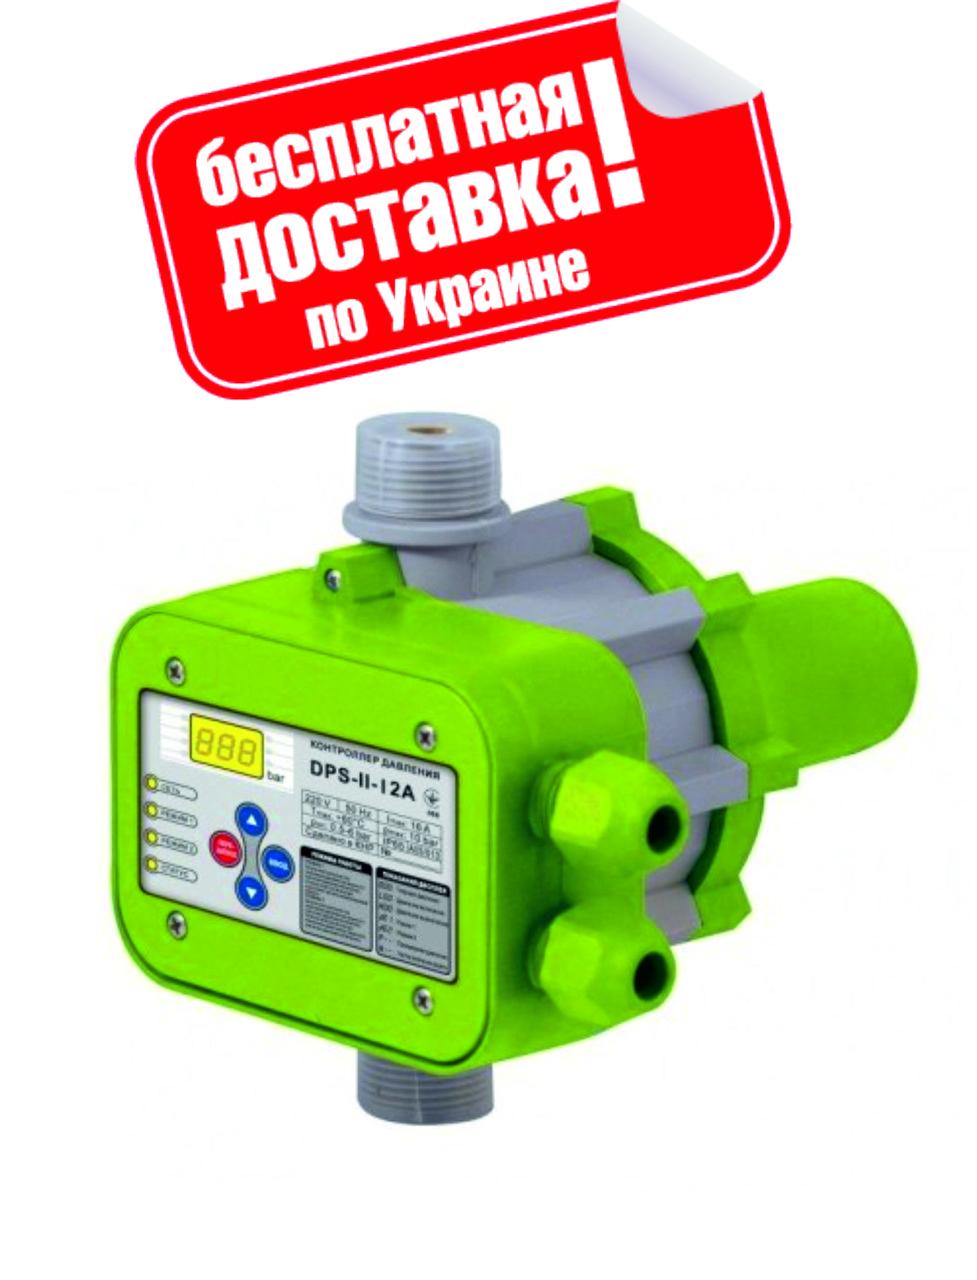 Контроллер давления DPS II-12 A